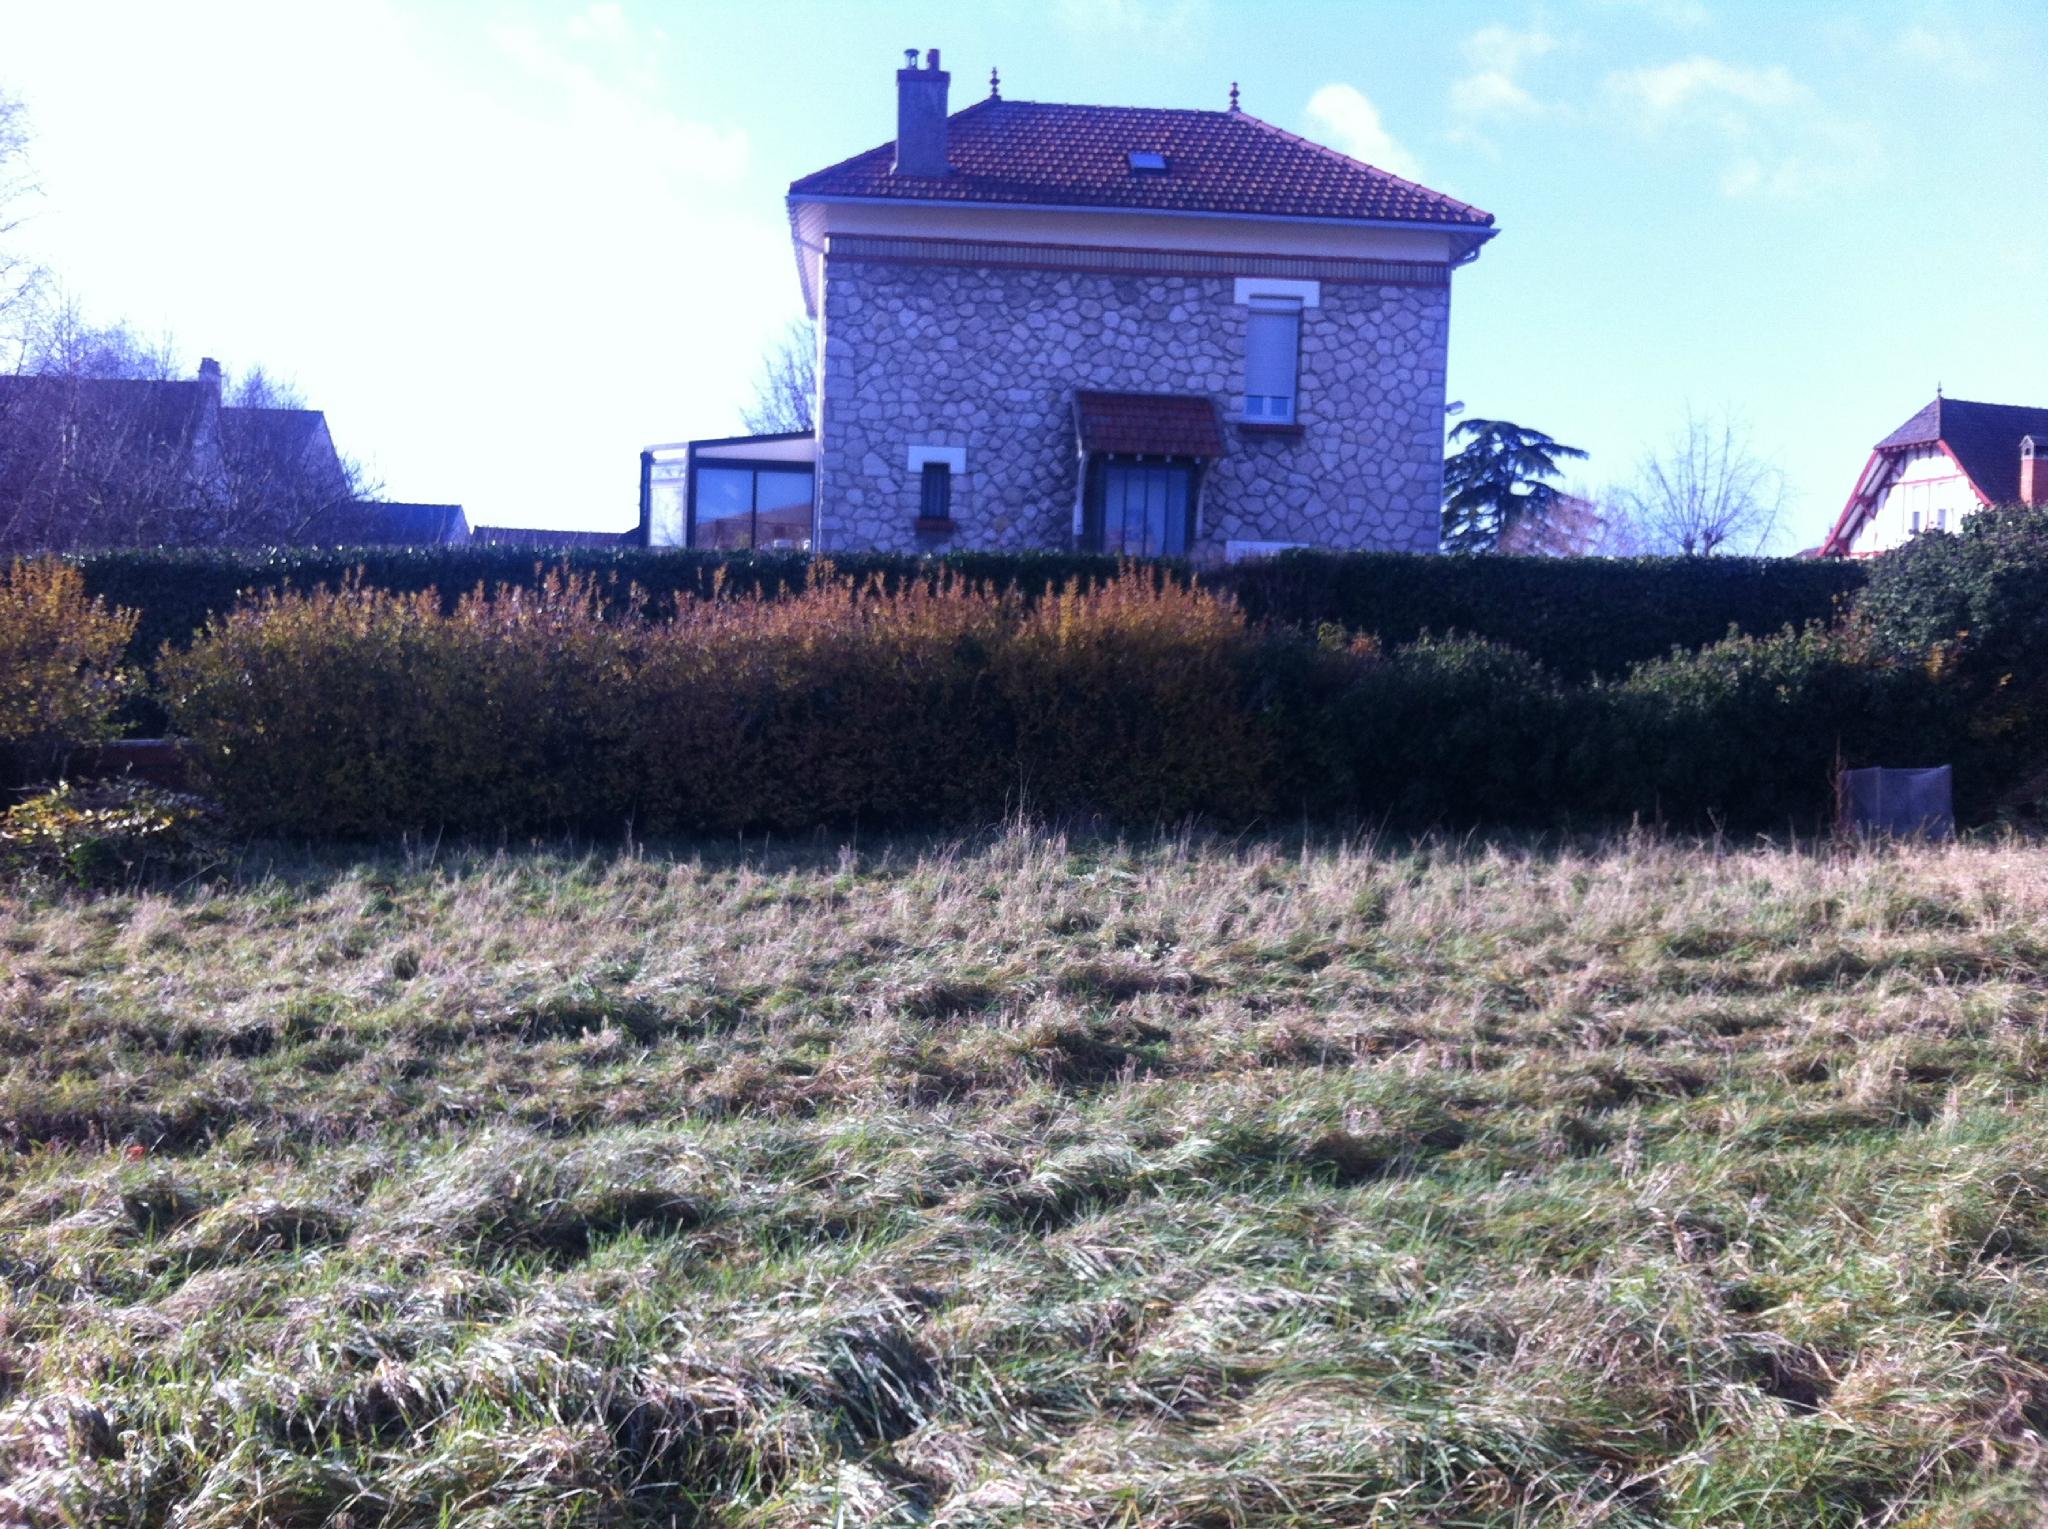 Les photos notre projet de construction maison phenix for Projet de construction maison